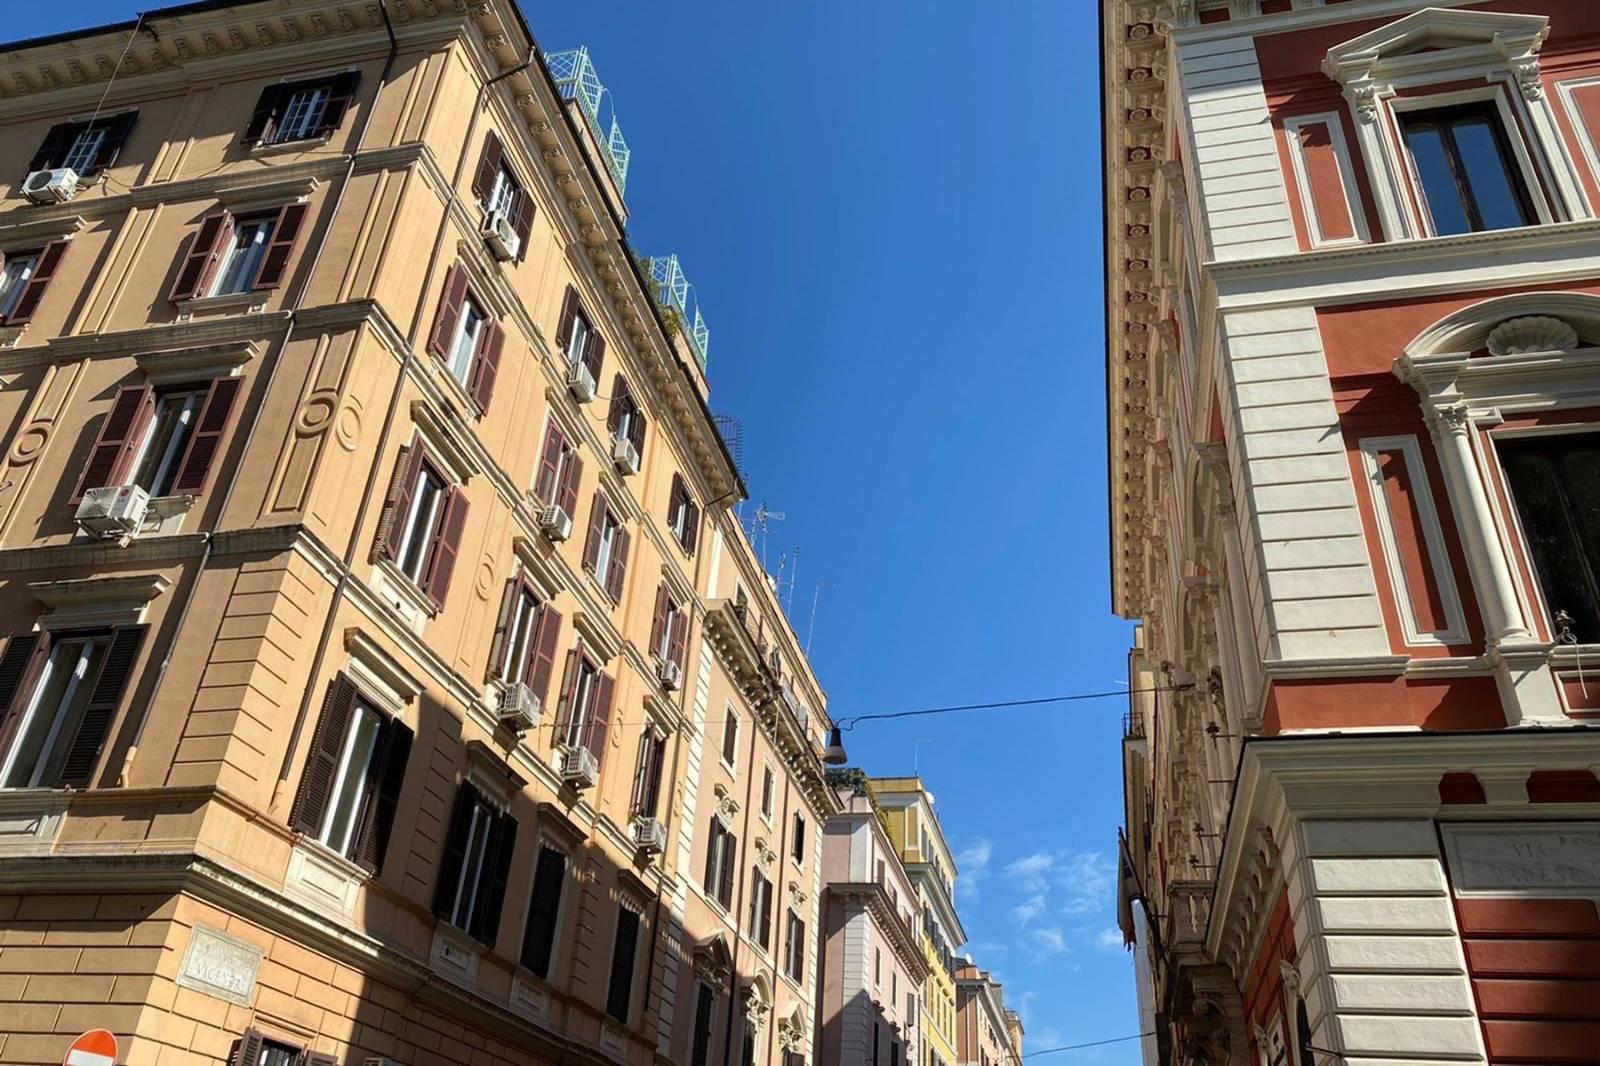 Attico in Affitto a Roma: 3 locali, 50 mq - Foto 13